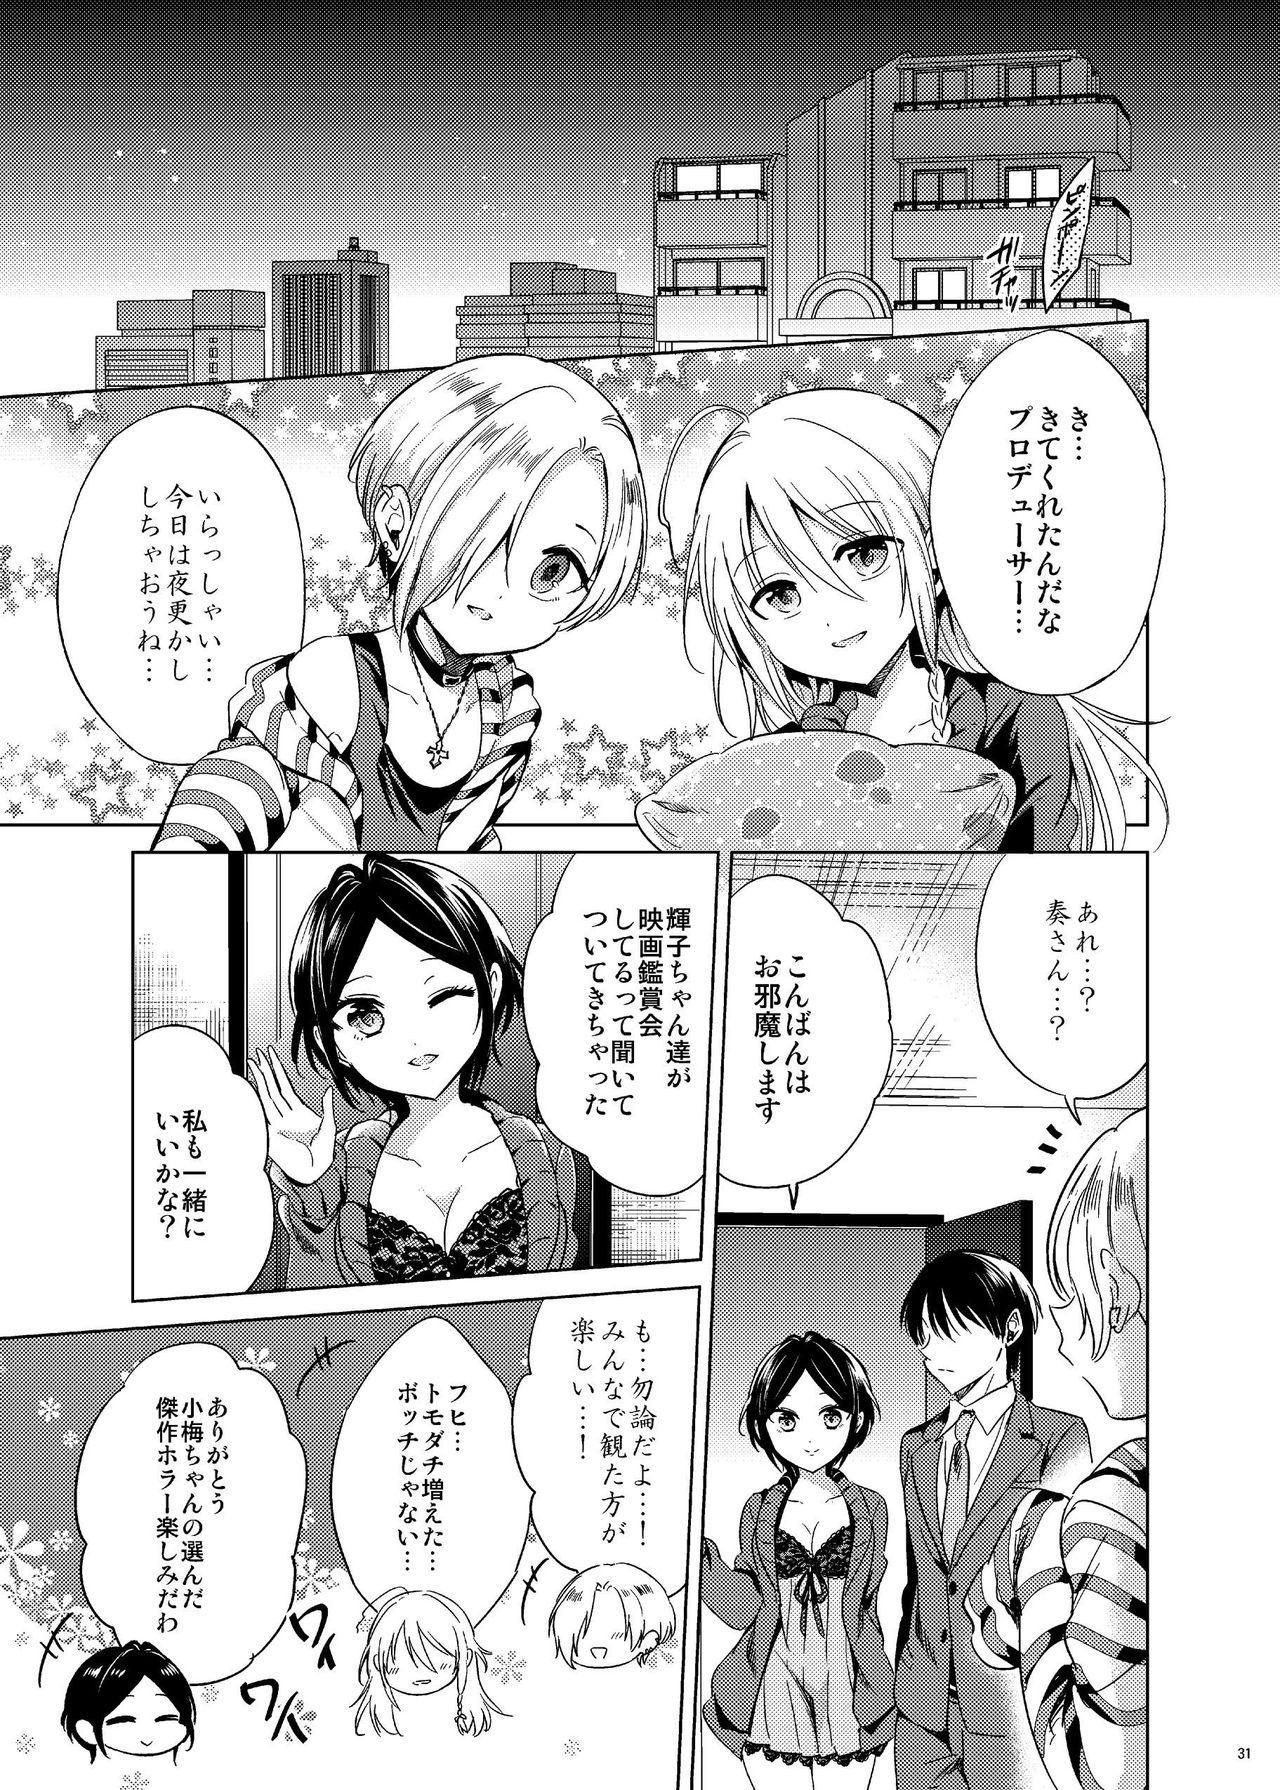 Hayami Kanade Soushuuhen 2014-15 『Black Cinderella』 28